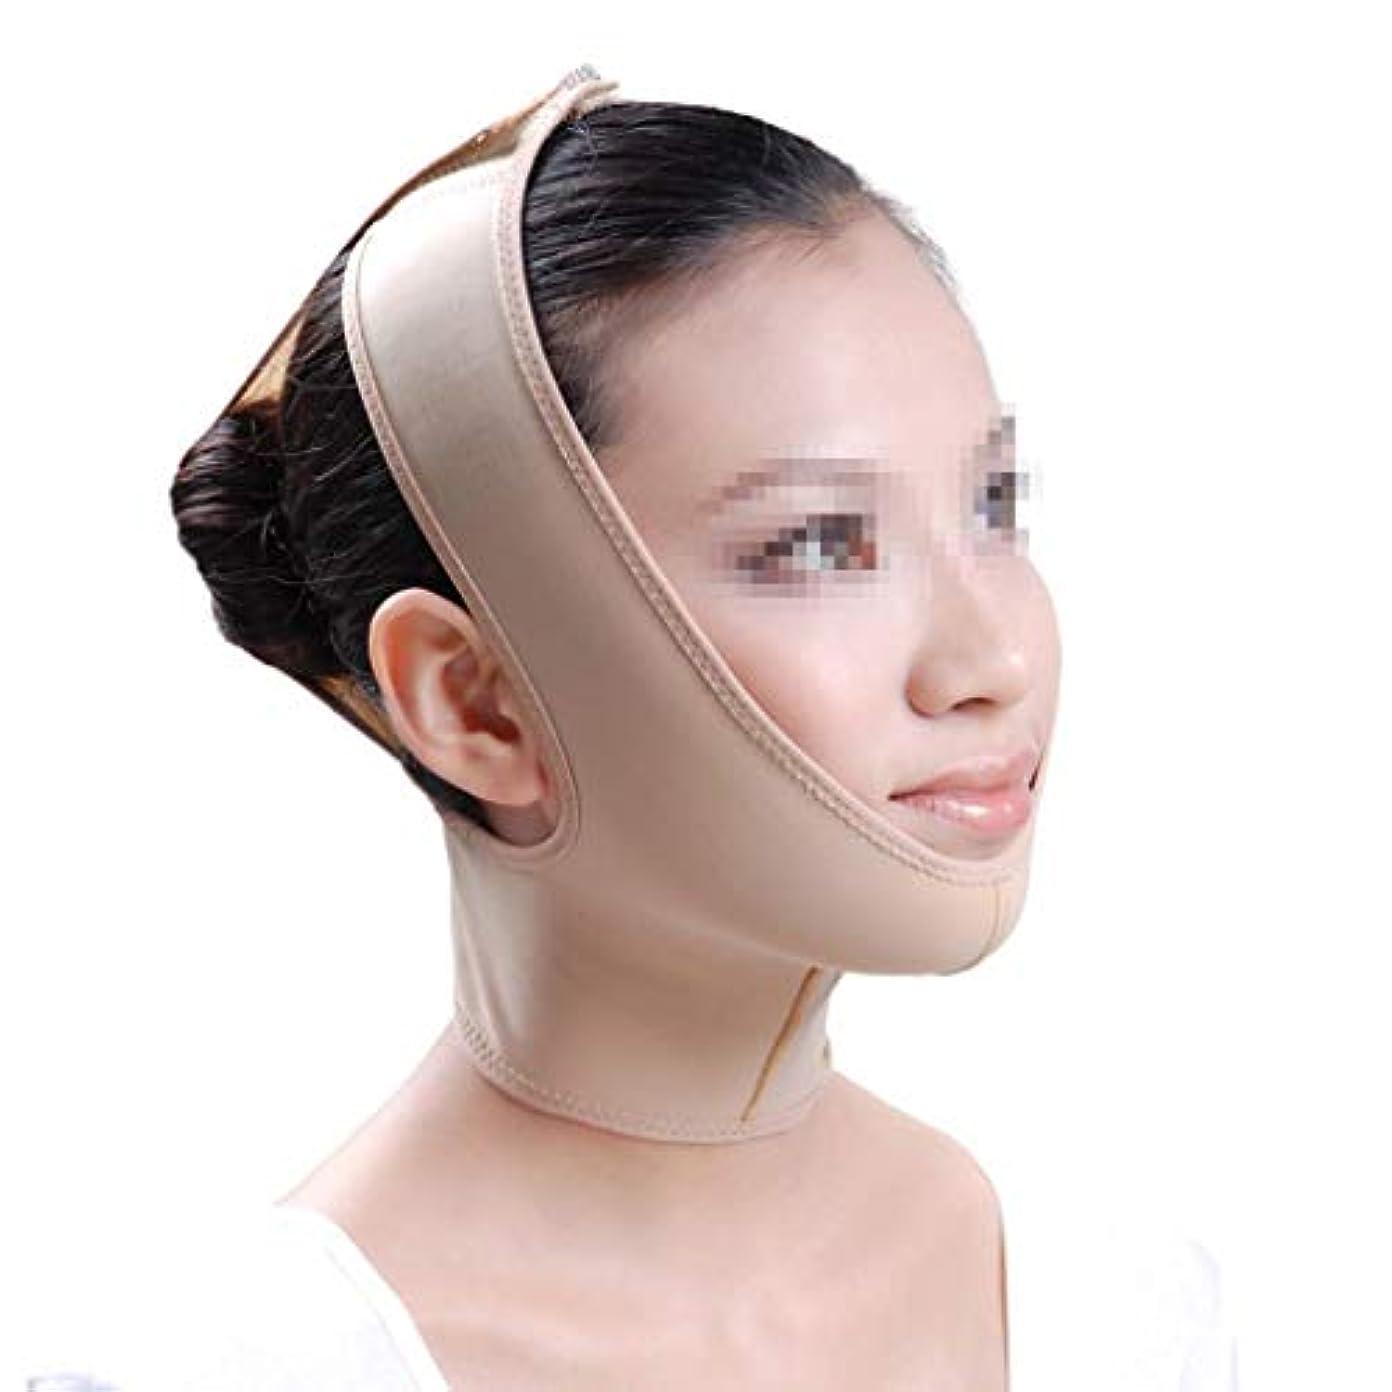 同級生防衛フィードフェイスリフトマスク、顎首スリーブ首ダブルあご顔医療脂肪吸引手術傷フェイスマスクヘッド弾性スリーブ(サイズ:XXL)